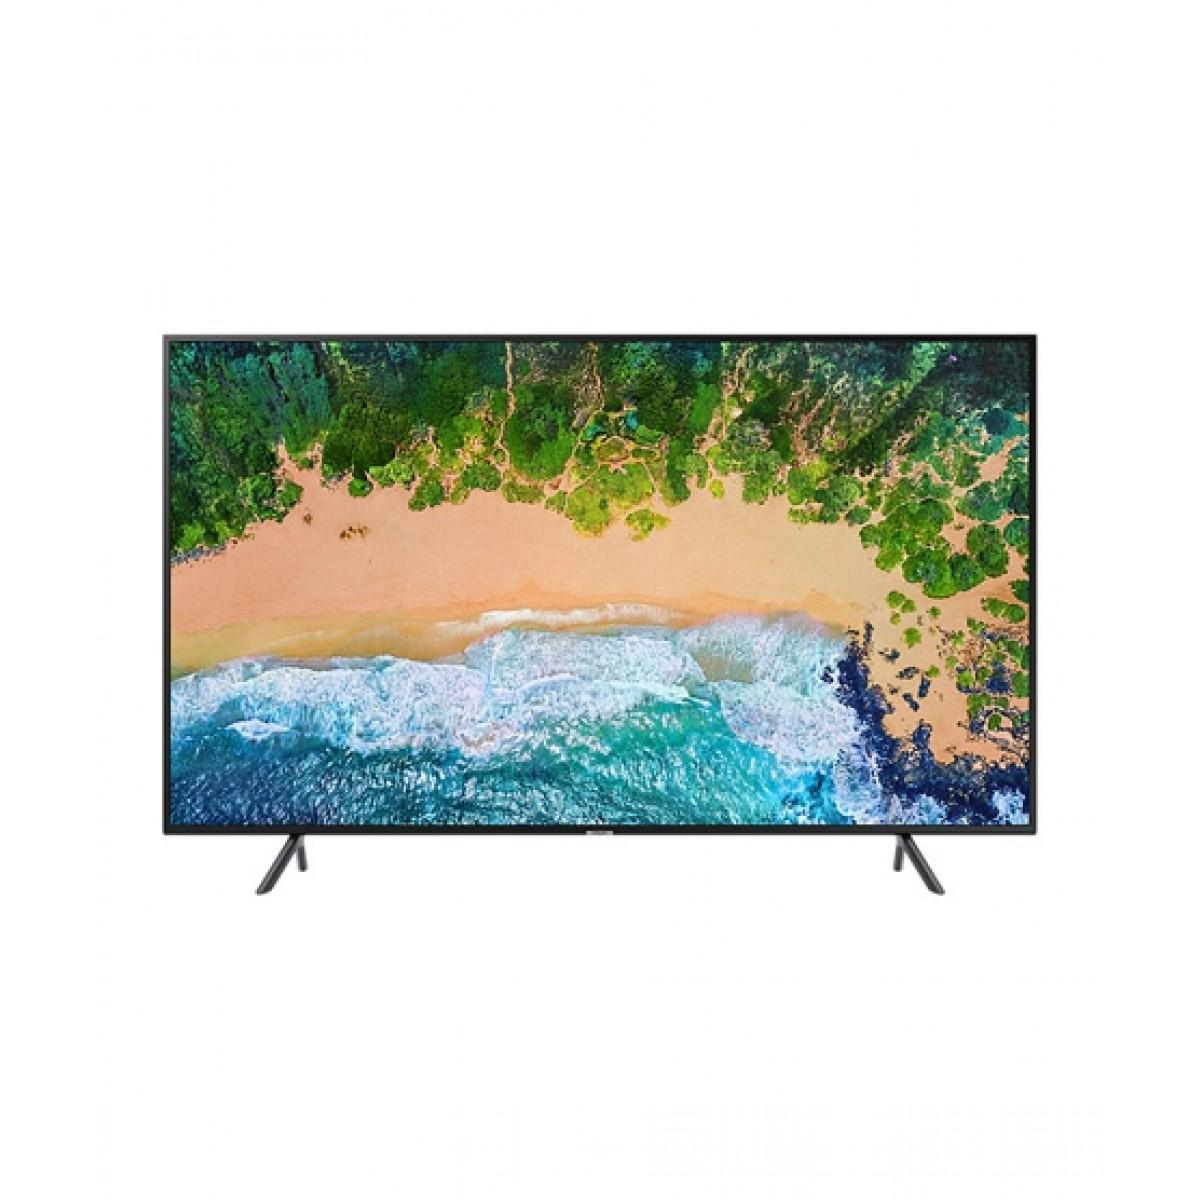 """Samsung 55"""" 4K UHD Smart LED TV (55NU7100) - Official Warranty"""